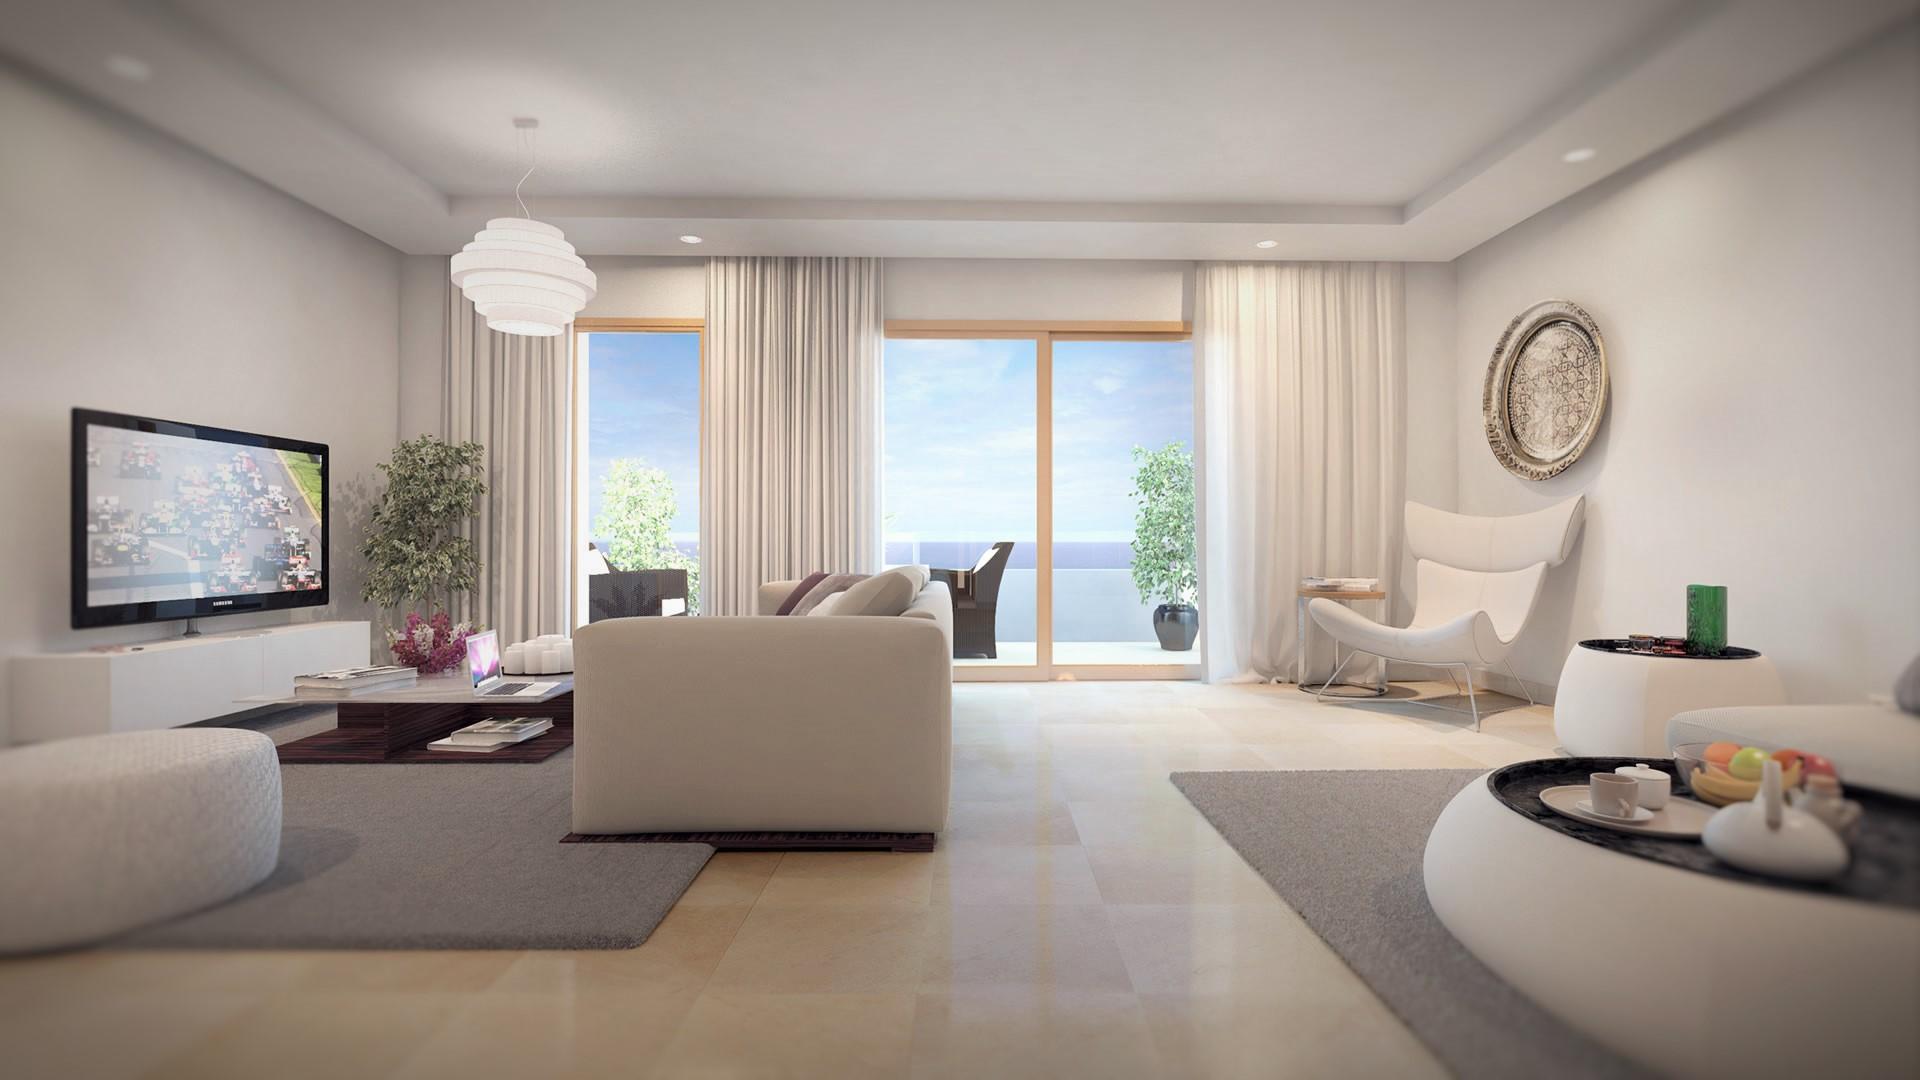 bellerive une r sidence appartement bellerive casablanca belv d re. Black Bedroom Furniture Sets. Home Design Ideas